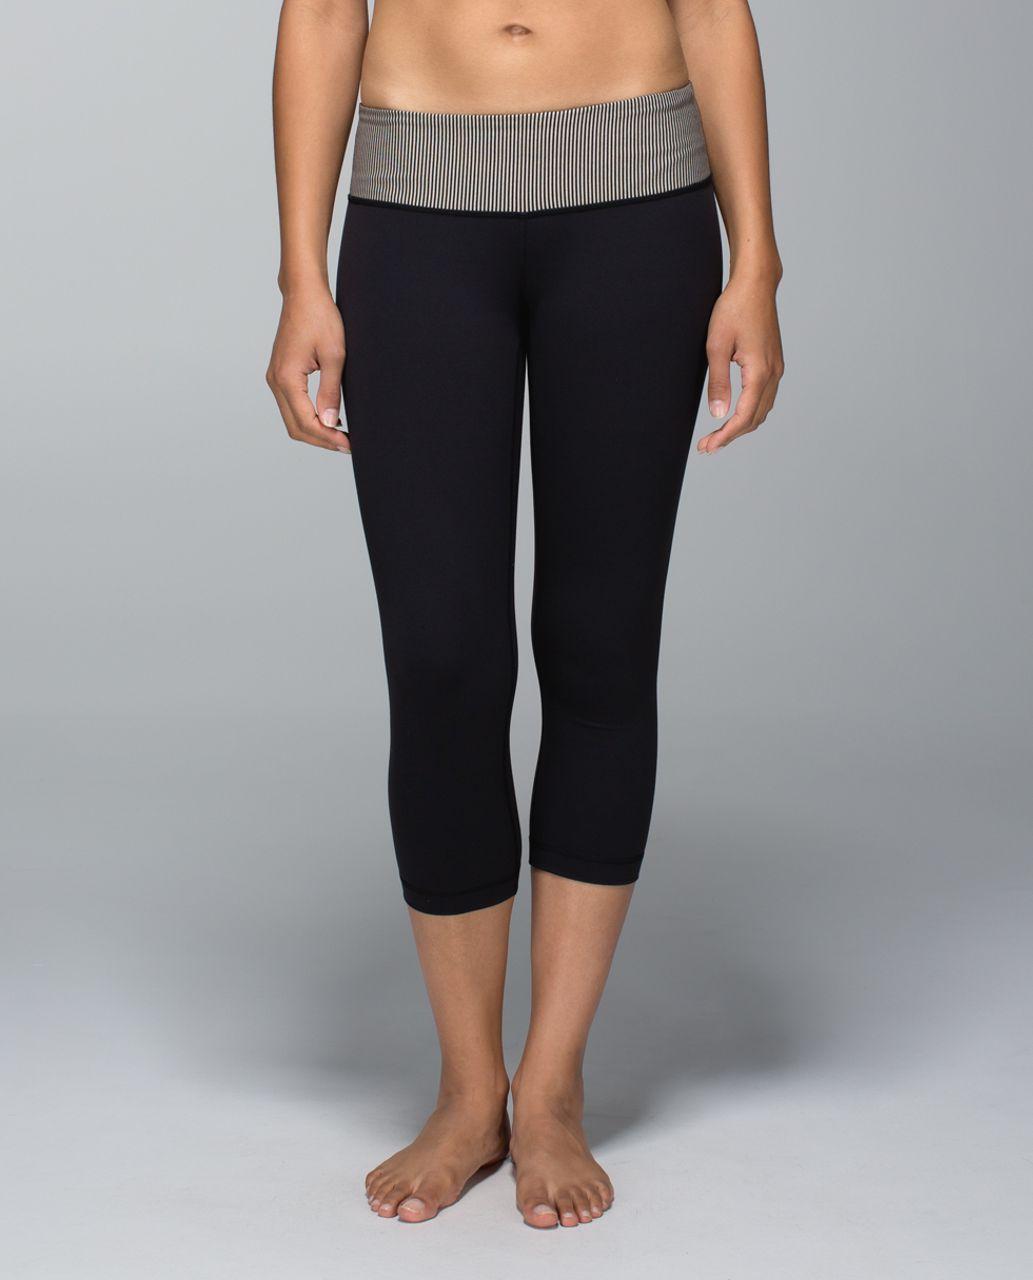 Lululemon Wunder Under Crop *Full-On Luon - Black / Tonka Stripe Heathered Black Mojave Tan